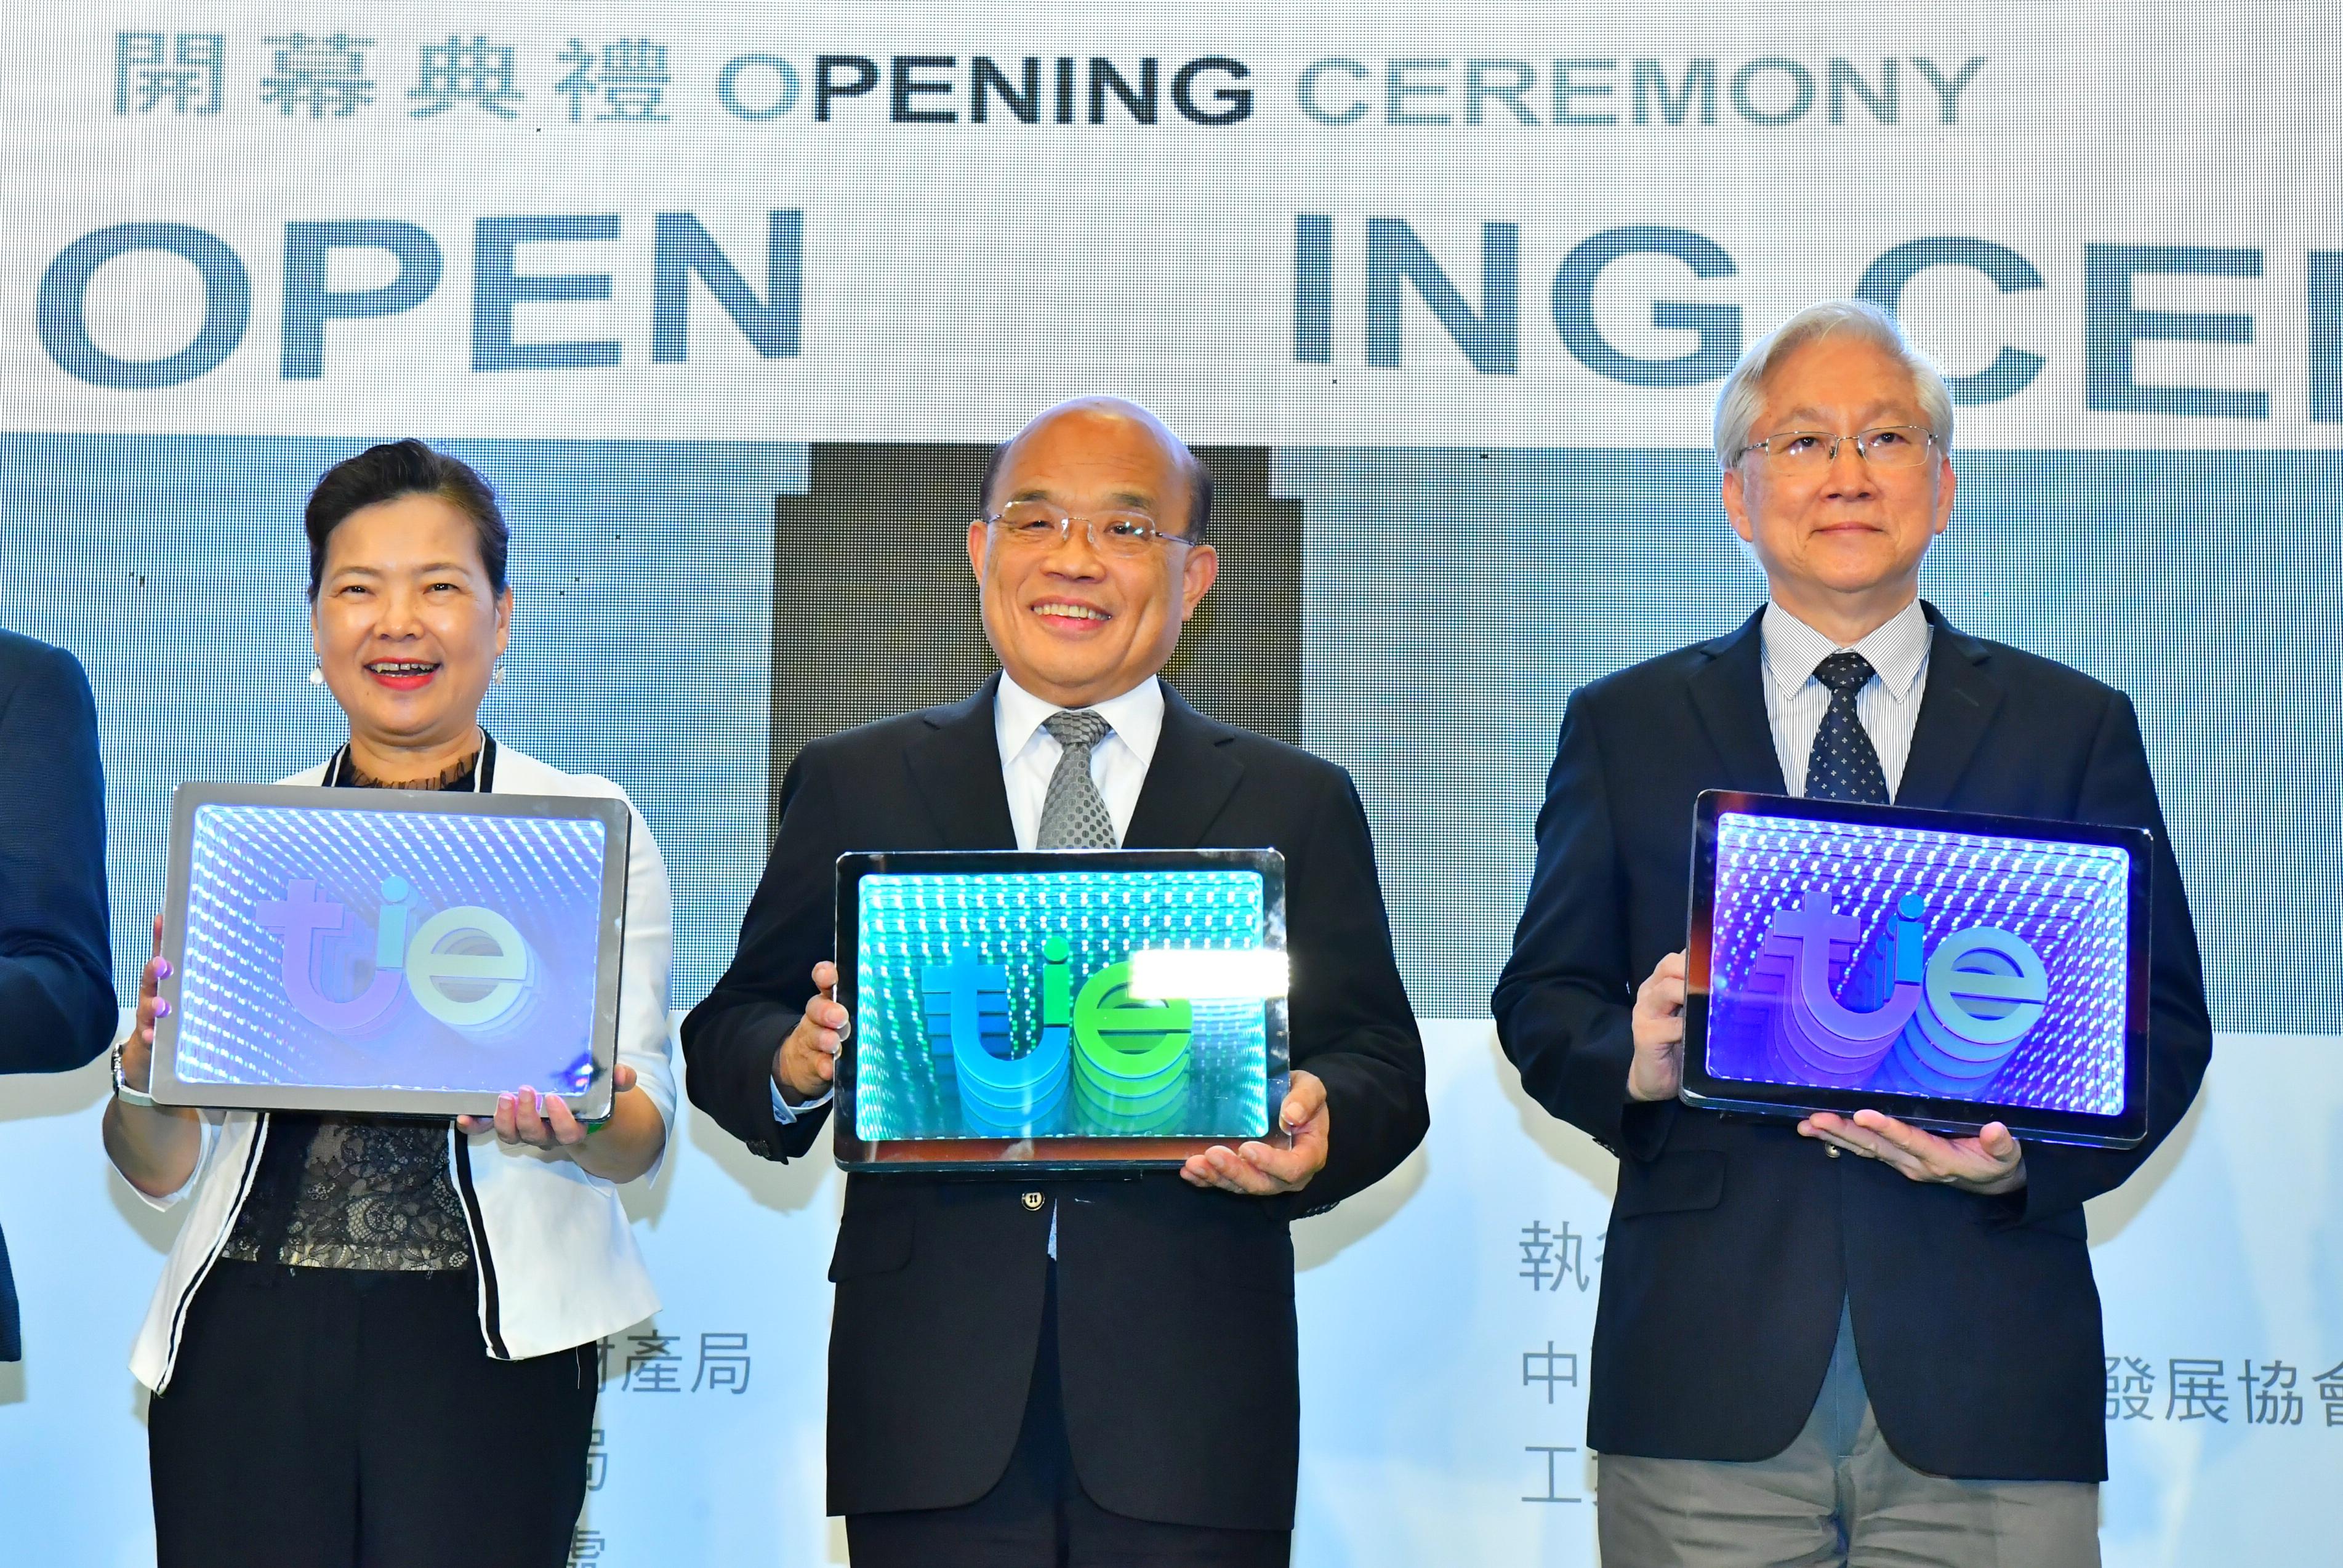 行政院長蘇貞昌出席「2020臺灣創新技術博覽會」開幕典禮